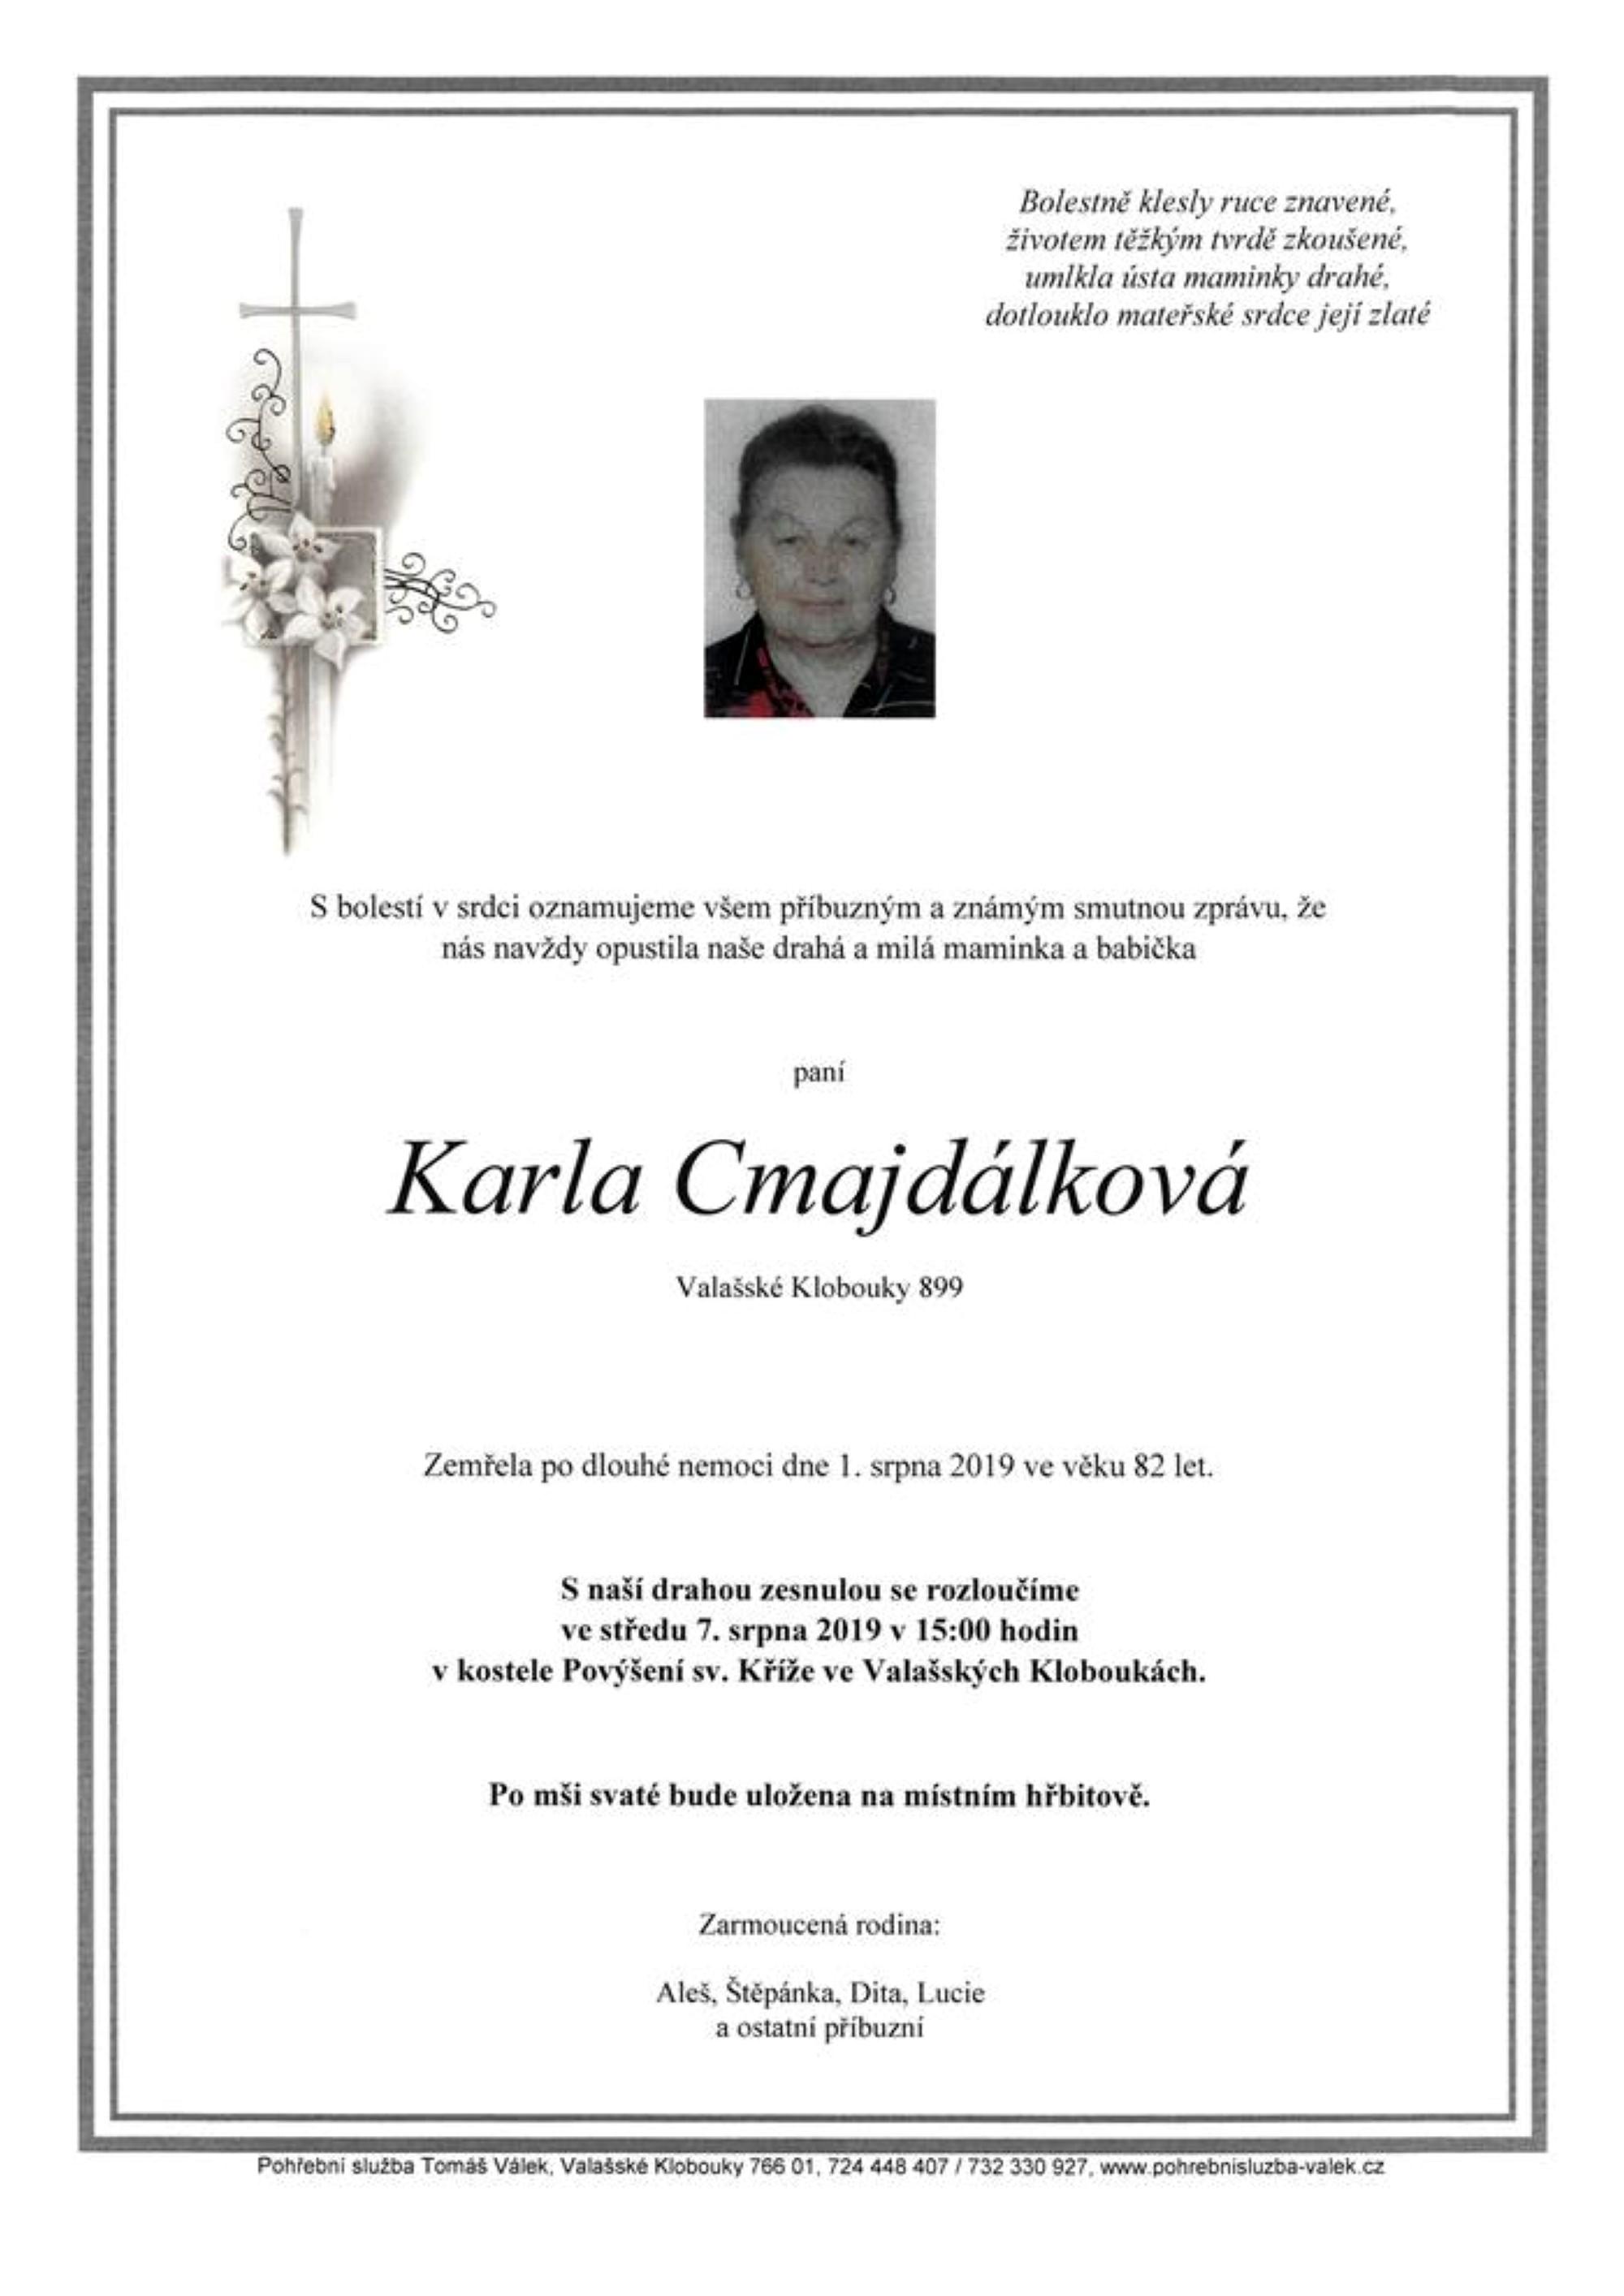 Karla Cmajdálková